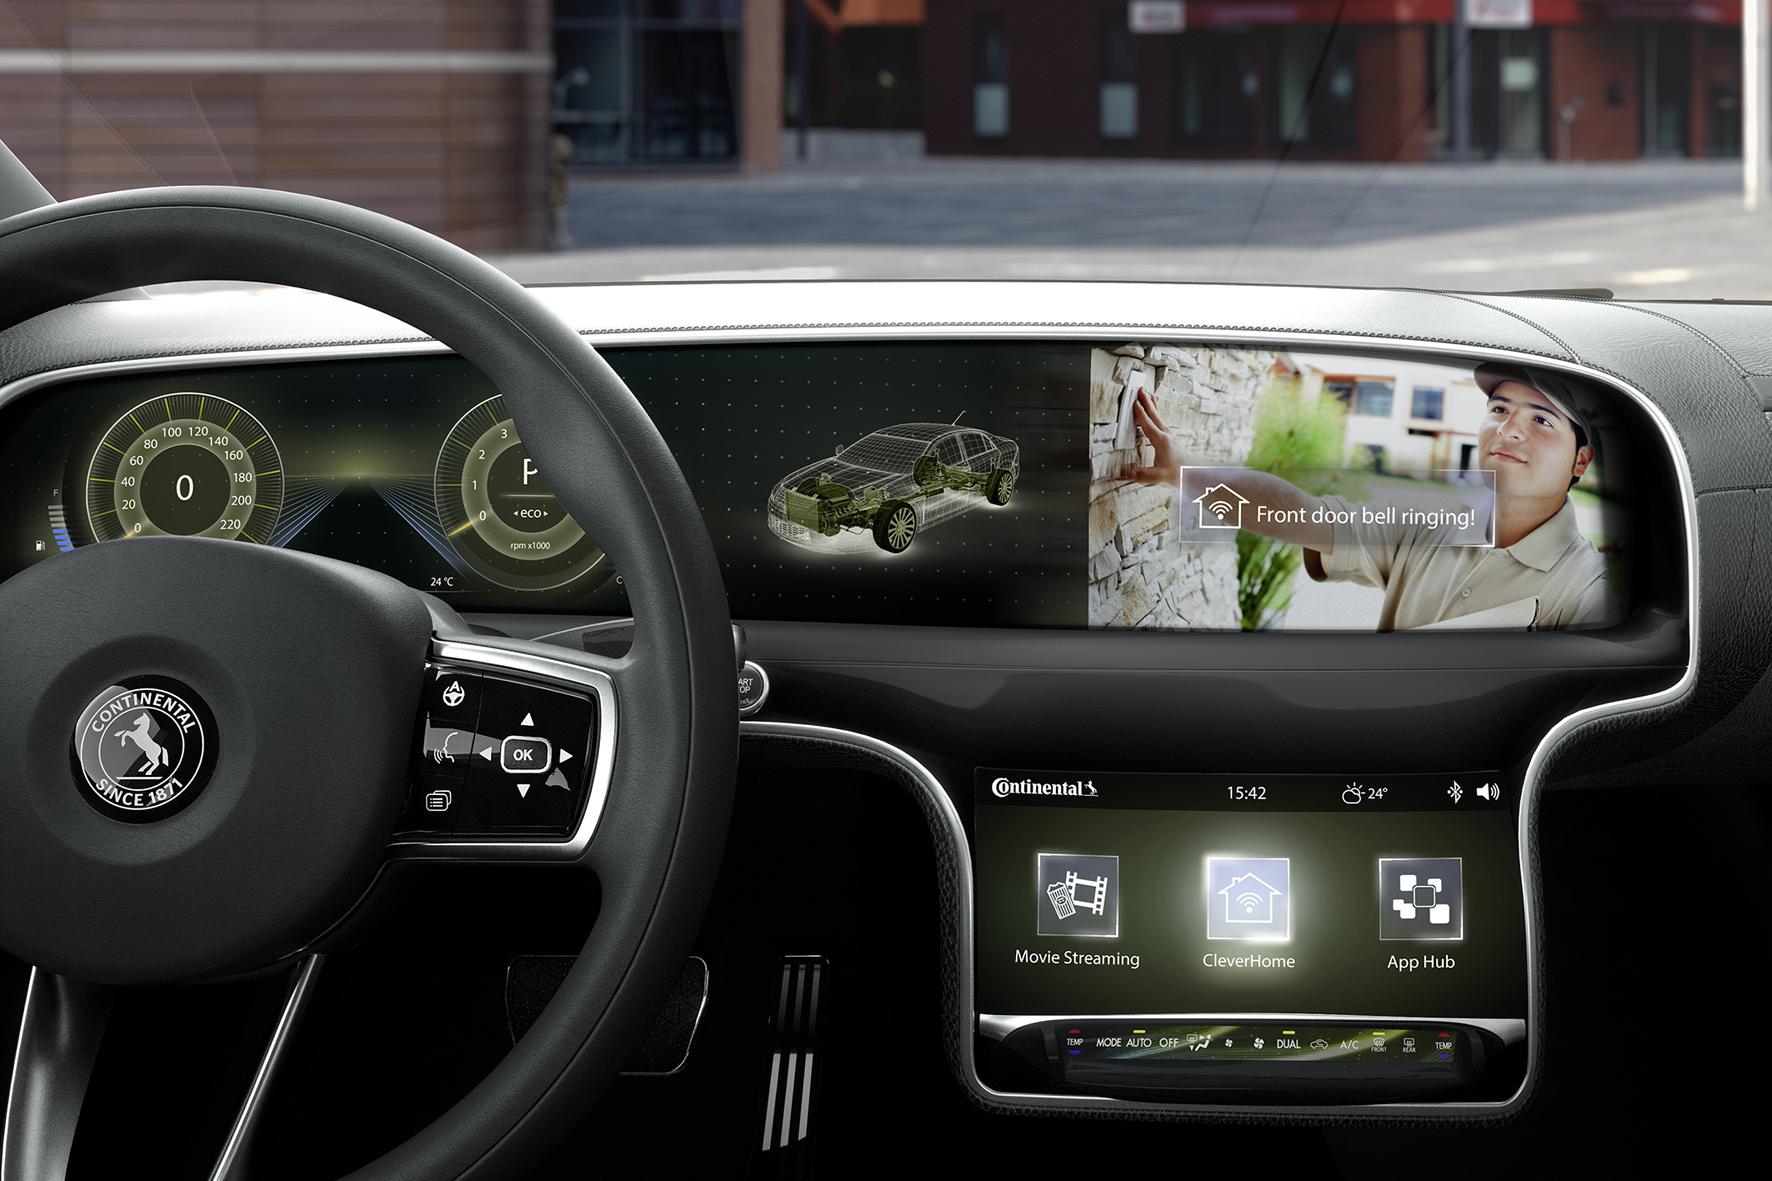 mid Düsseldorf - Die neue Daten- und Nutzerschnittstelle CarPort von Continental verbindet das Auto mit dem Zuhause.